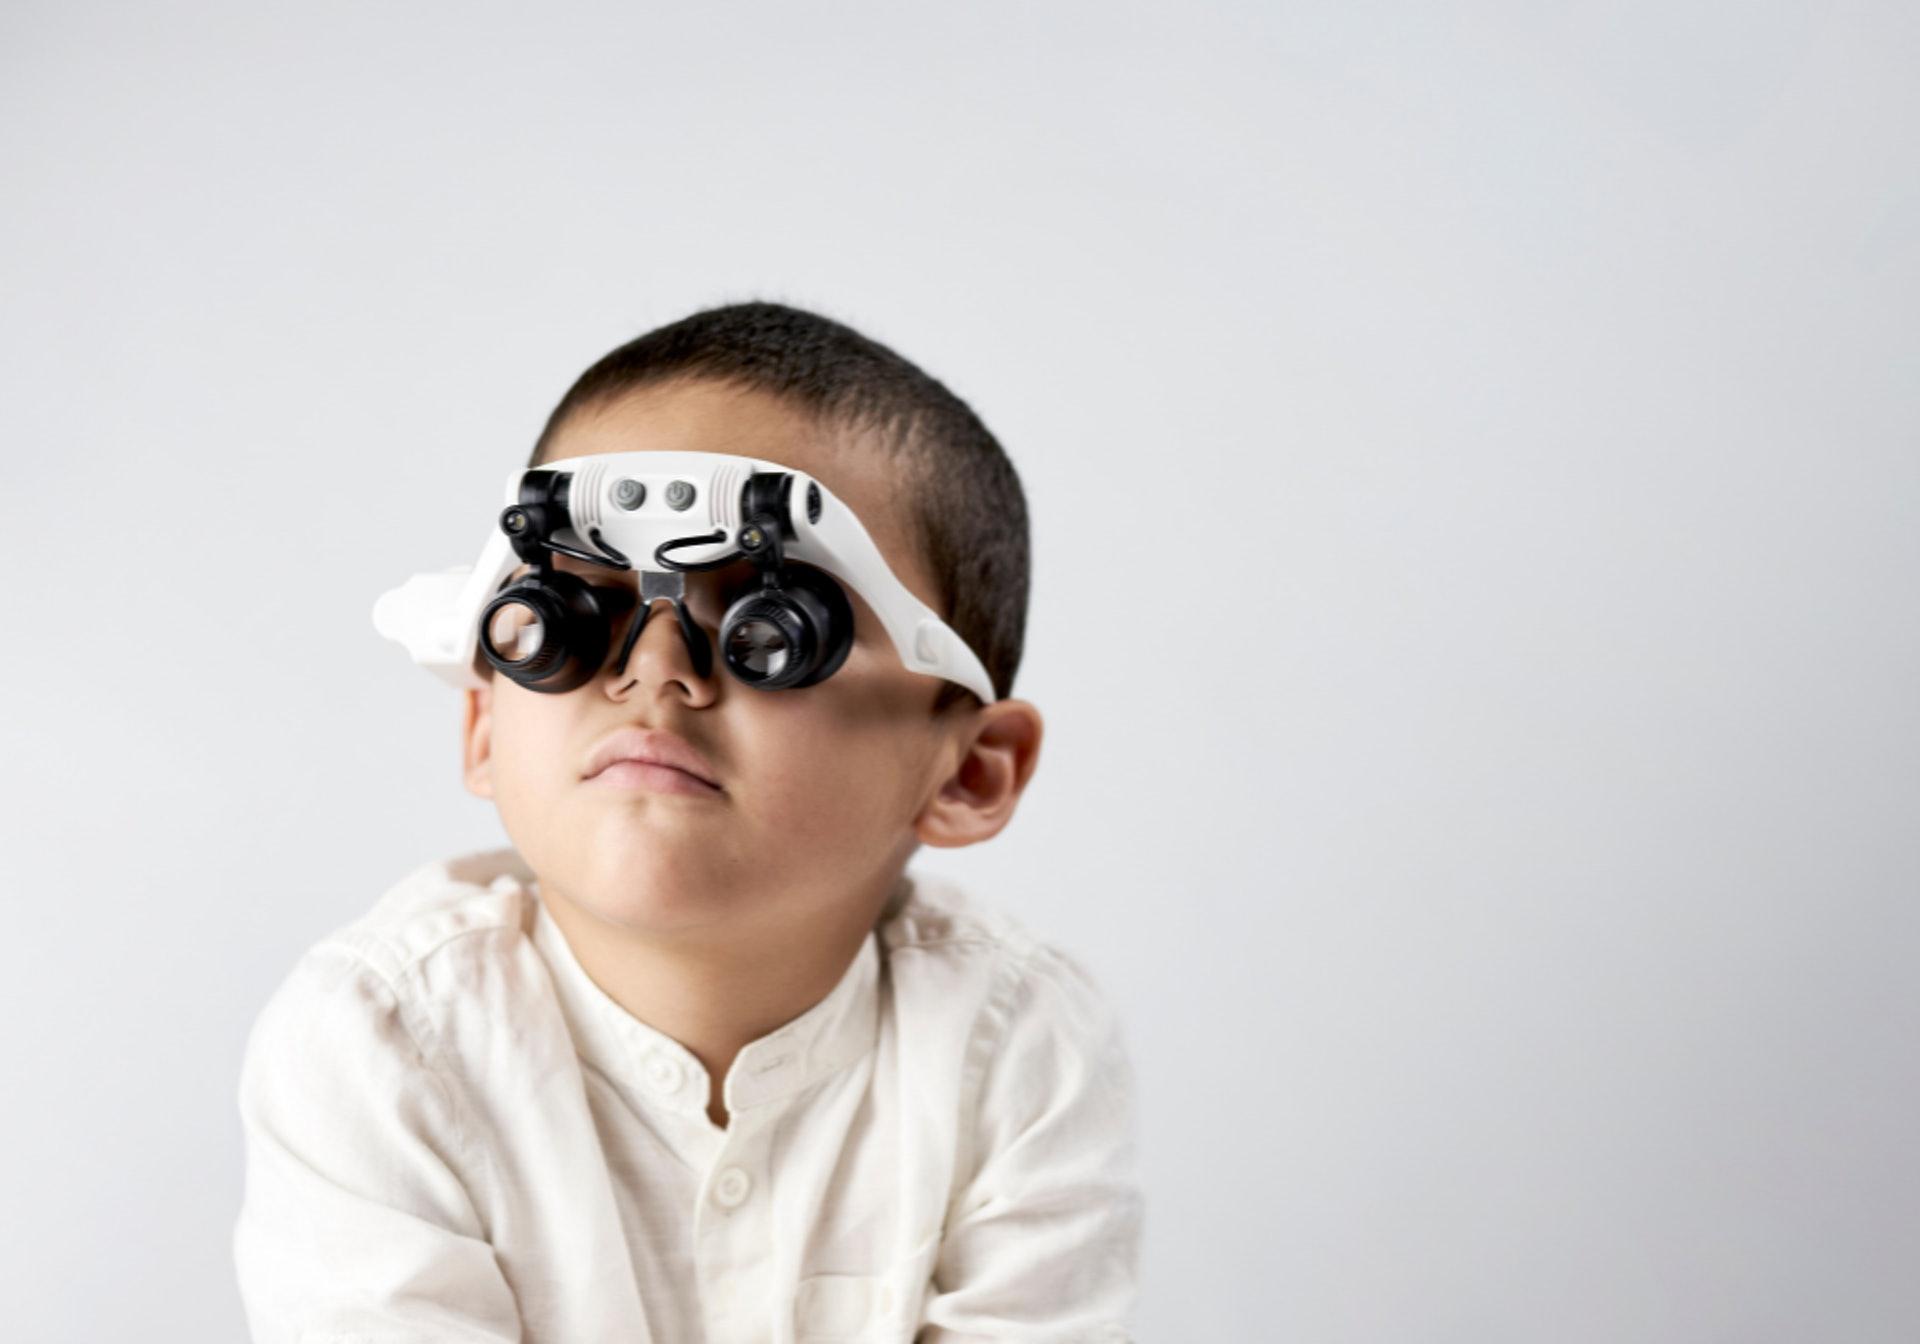 刻意把眼鏡度數配不足,或是不配眼鏡,都會令近視加速惡化。(圖片:shutterstock)